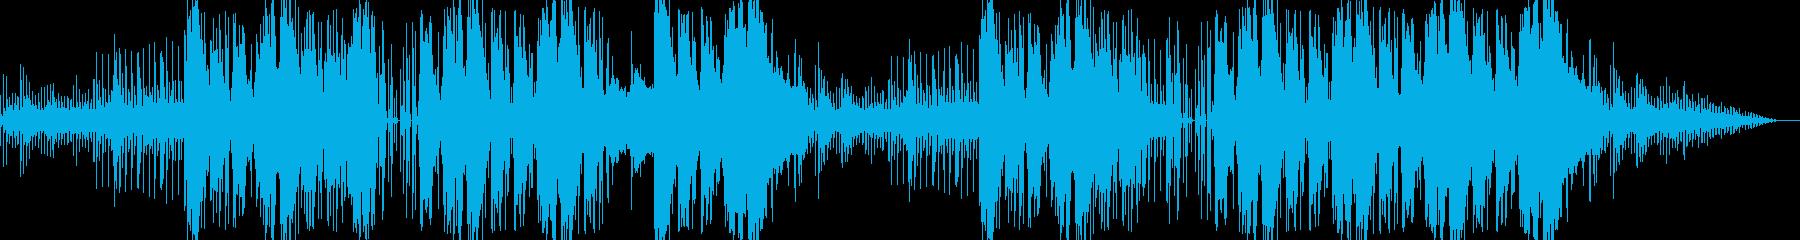 可愛い雰囲気のシンセサイザー曲の再生済みの波形